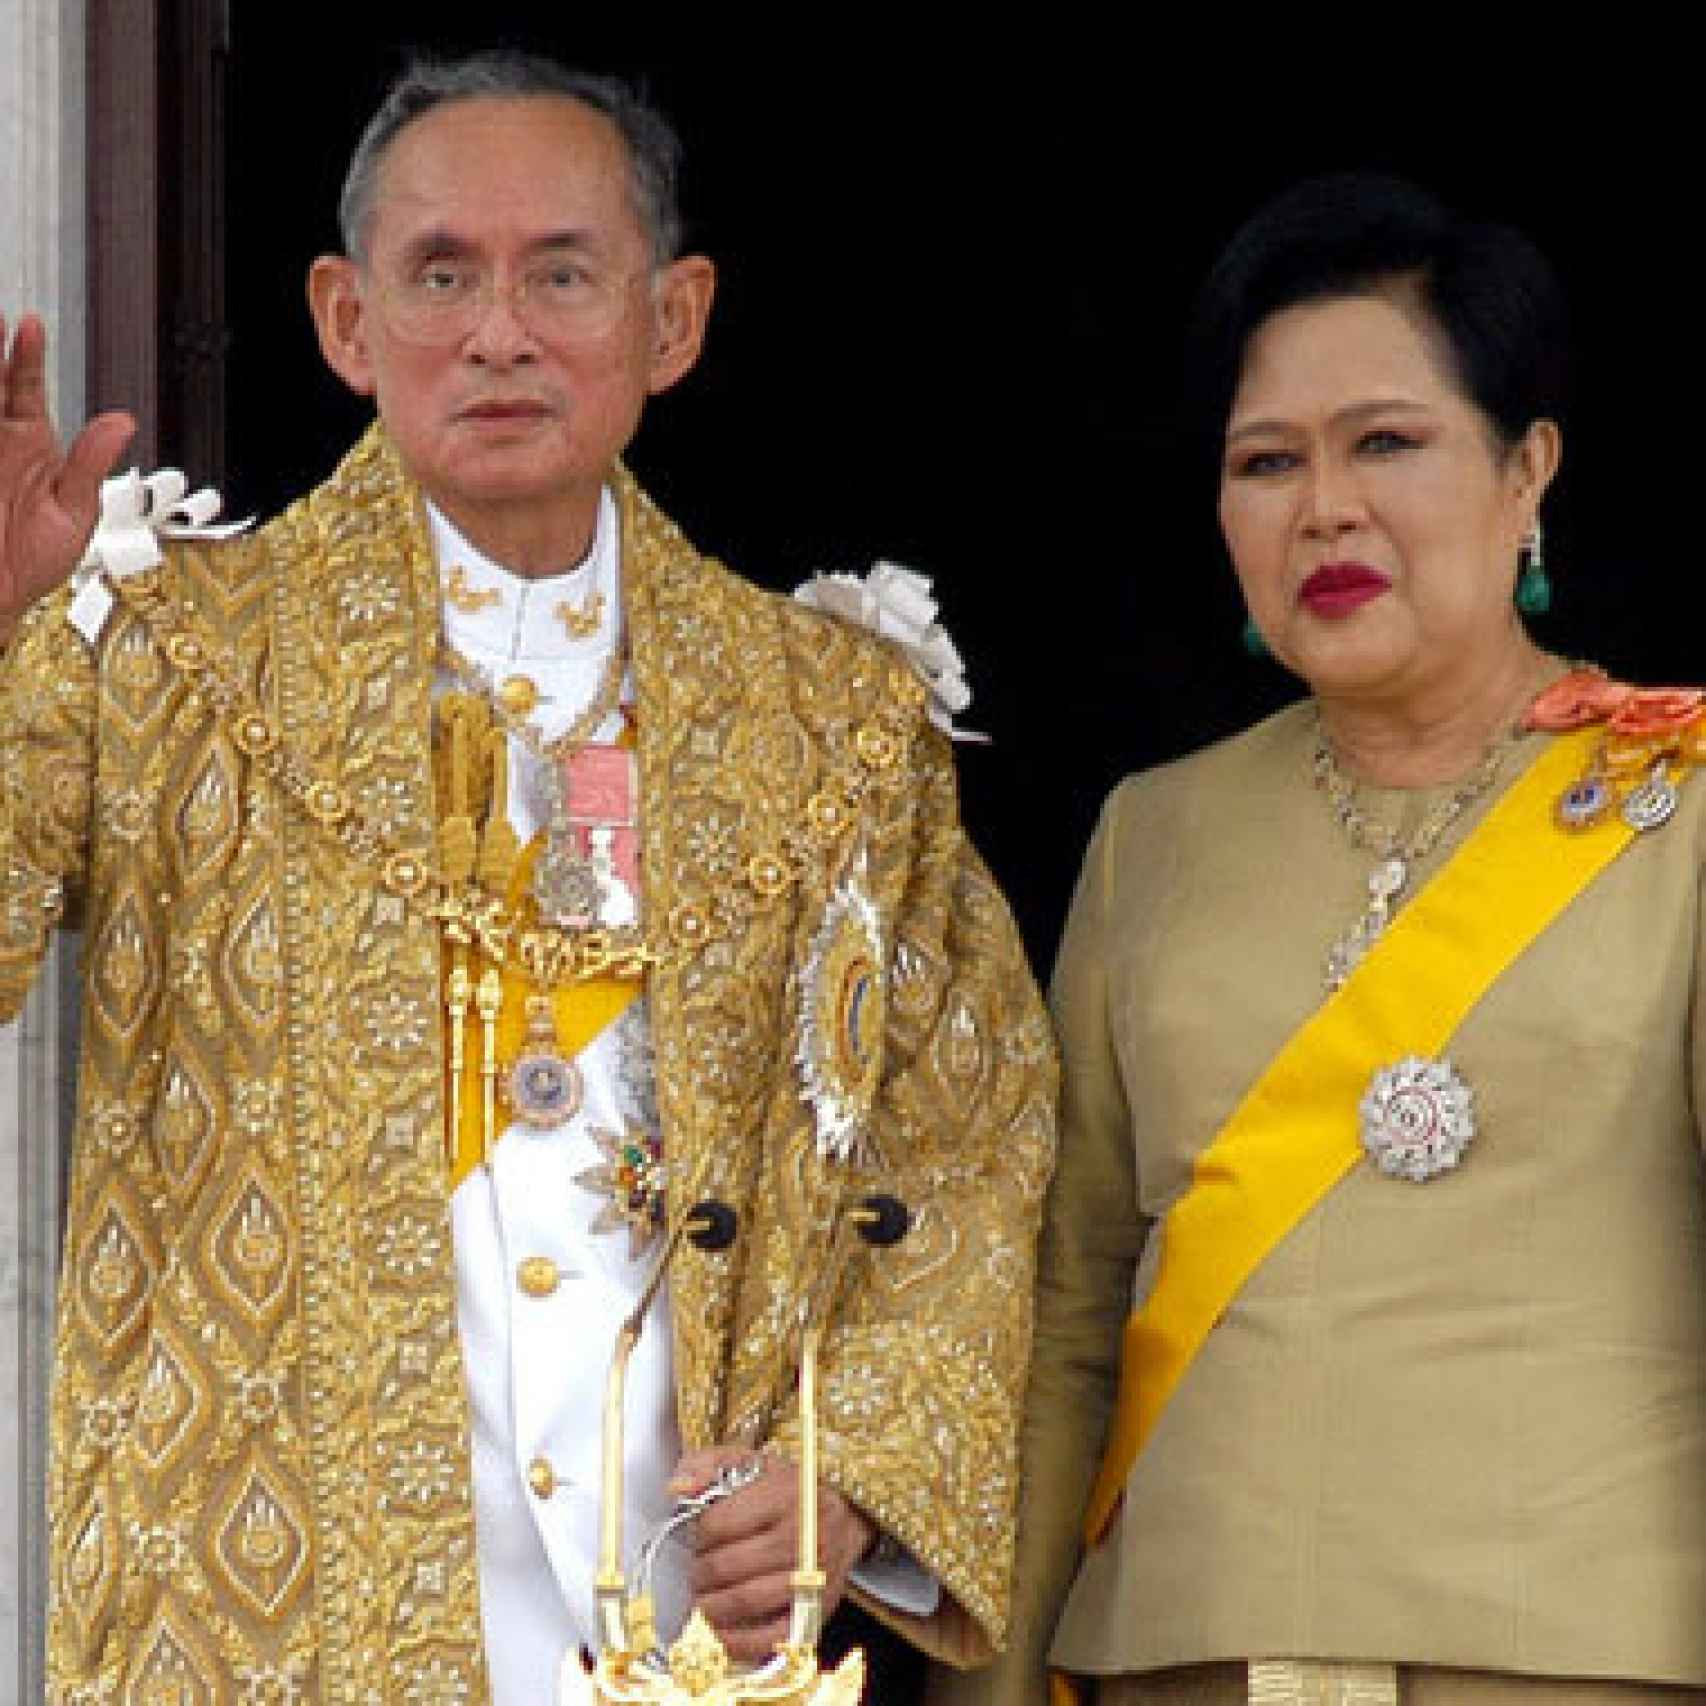 Los actuales reyes de Tailandia, Bhumibol Adulyadej y Sirikit.